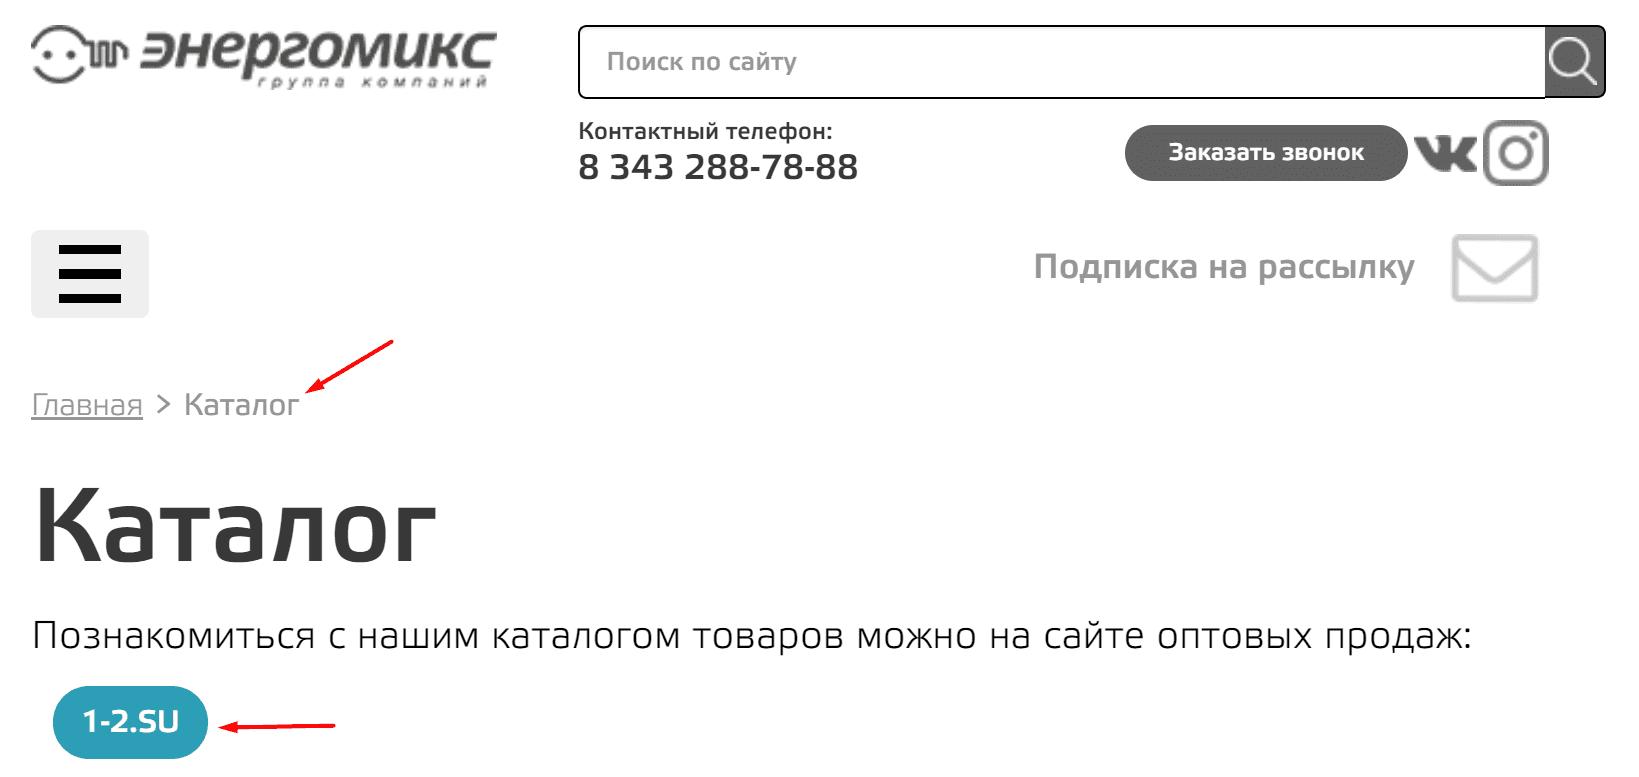 """Официальный сайт """"Энергомикс"""""""